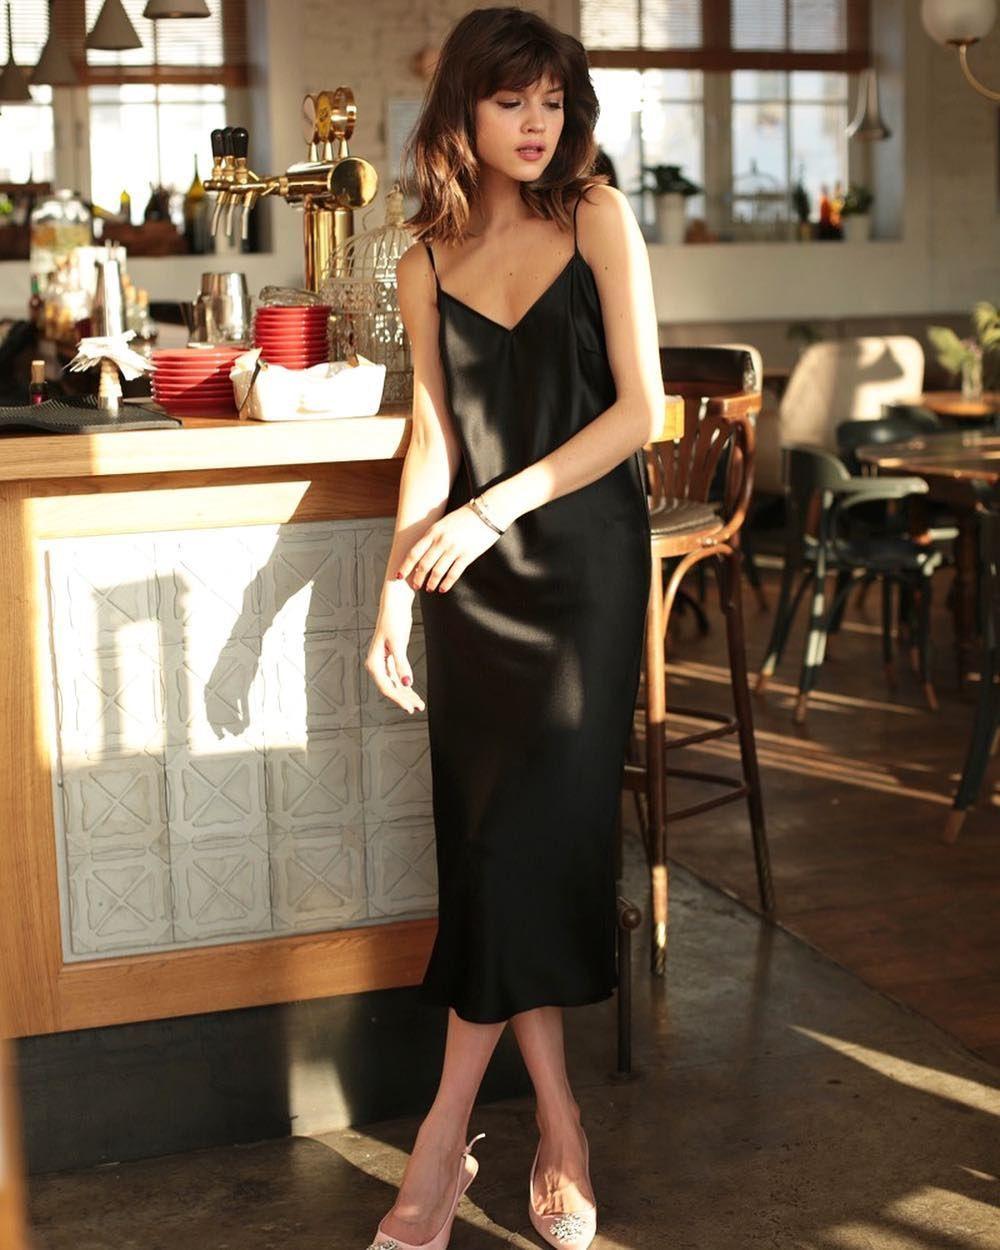 17 Spektakulär Abend Dress Code BoutiqueAbend Leicht Abend Dress Code Boutique